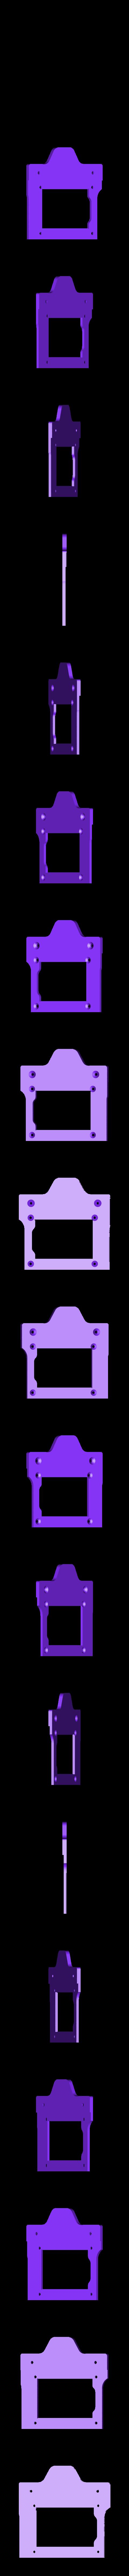 lower brace.stl Télécharger fichier STL gratuit 1991 Mazda 787B 3d Voiture RC imprimée de 1991 • Objet à imprimer en 3D, brett